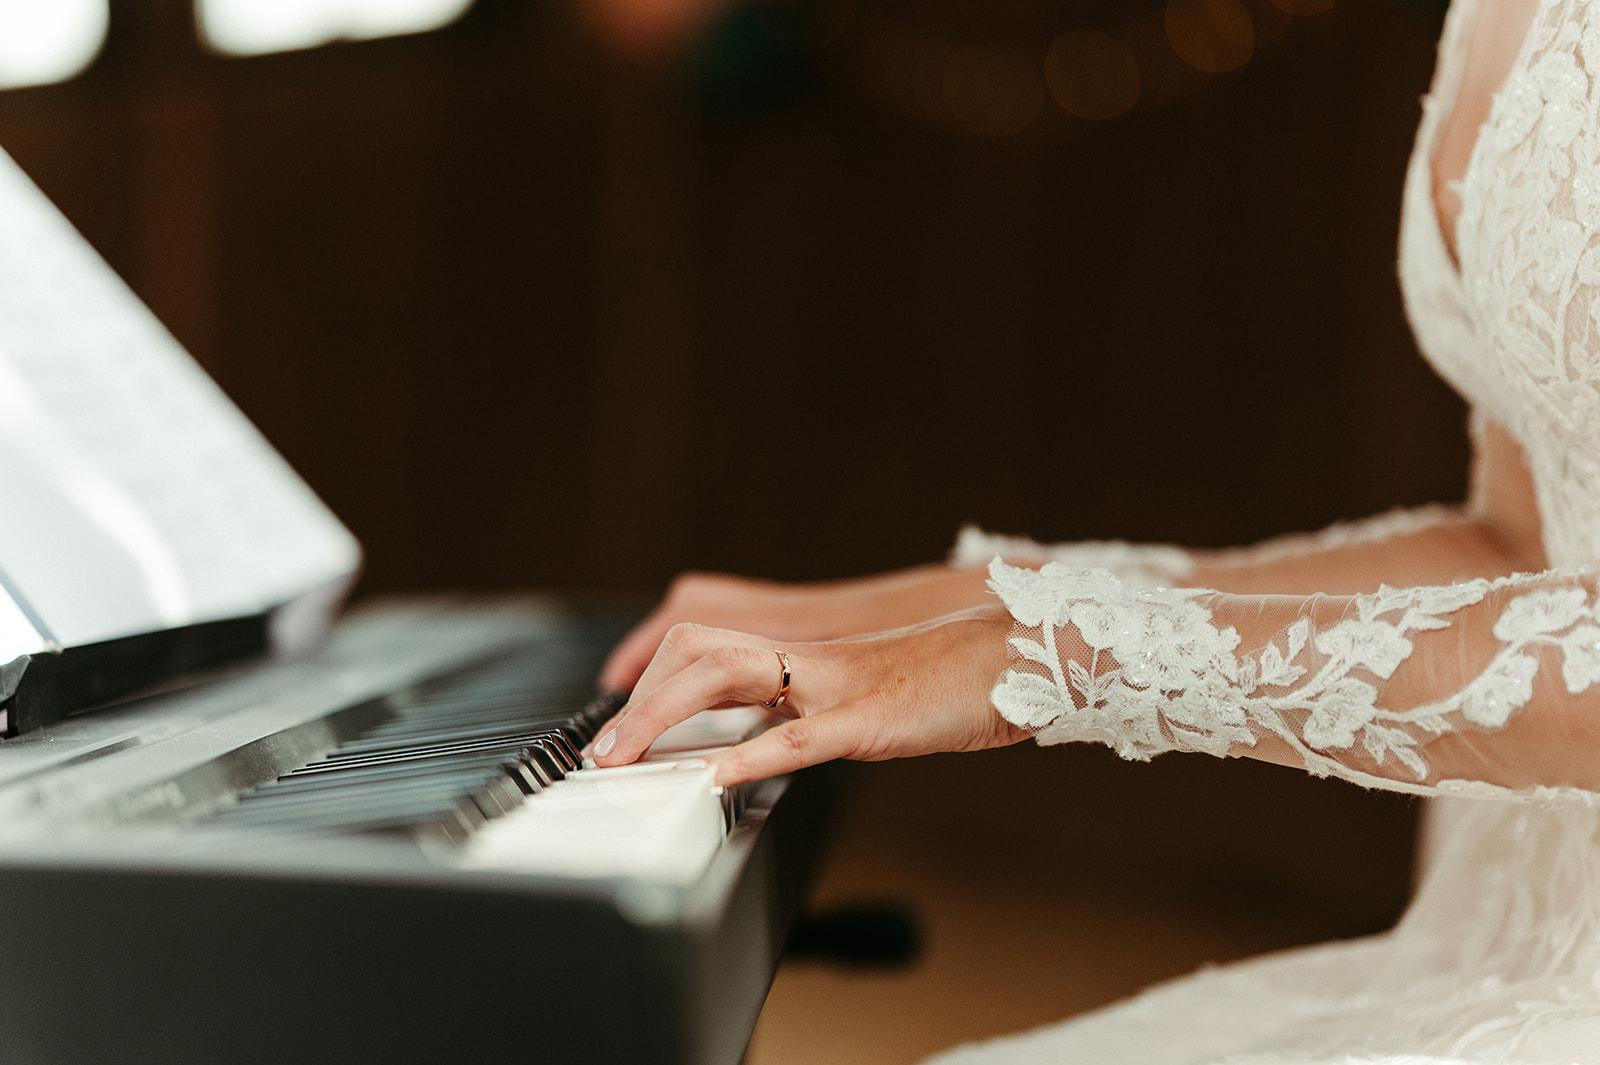 Živá hudba ke svatebnímu obřadu - klávesy, housle, violoncello,zpěv - Obrázek č. 1